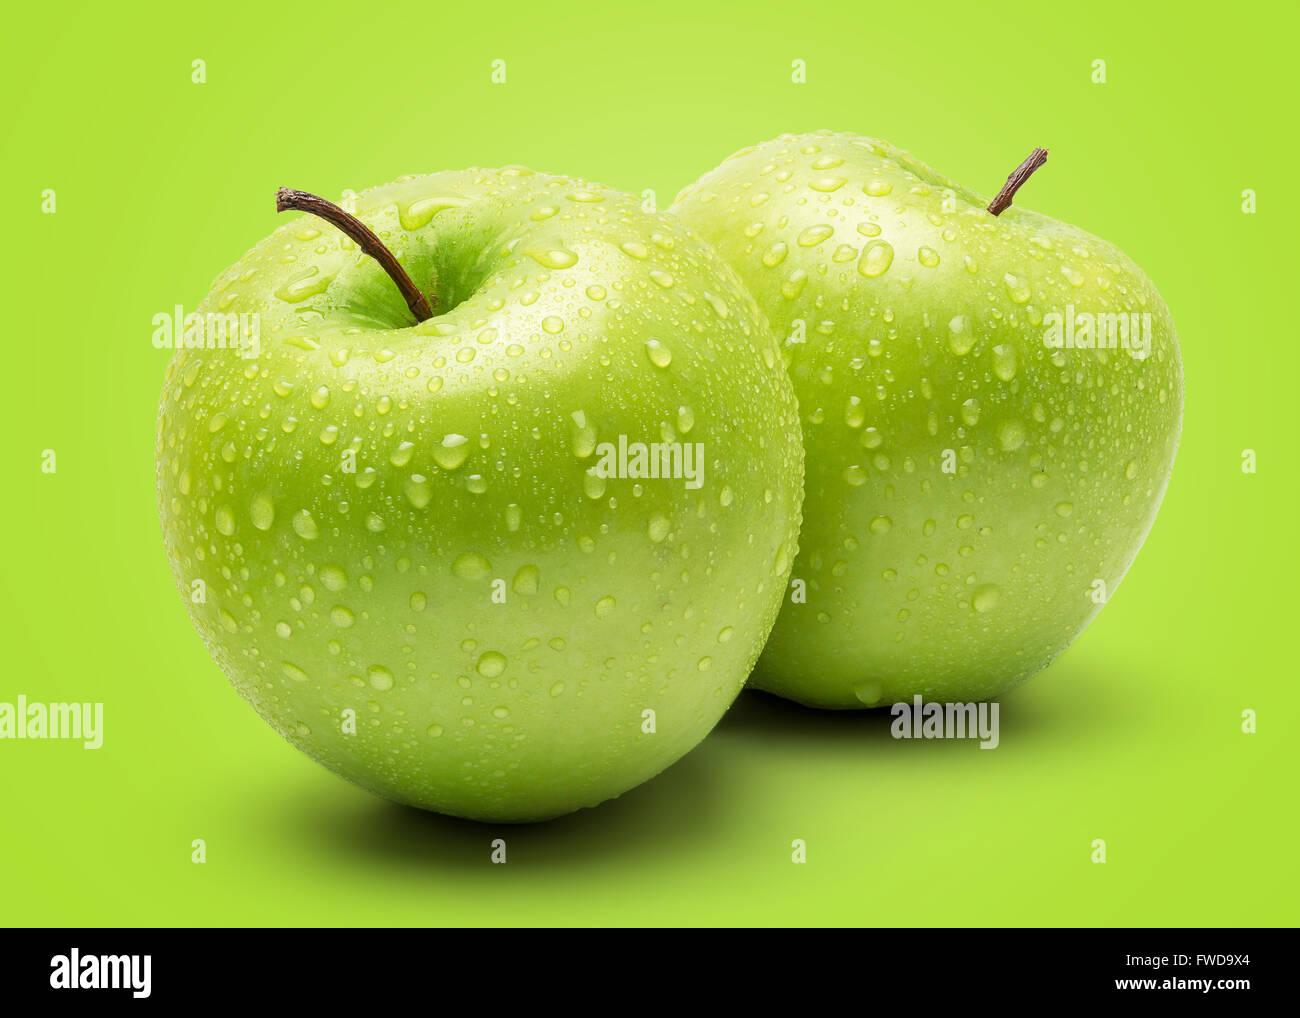 Manzana Verde fresco perfecto aislado sobre fondo verde en toda la profundidad de campo. Imagen De Stock